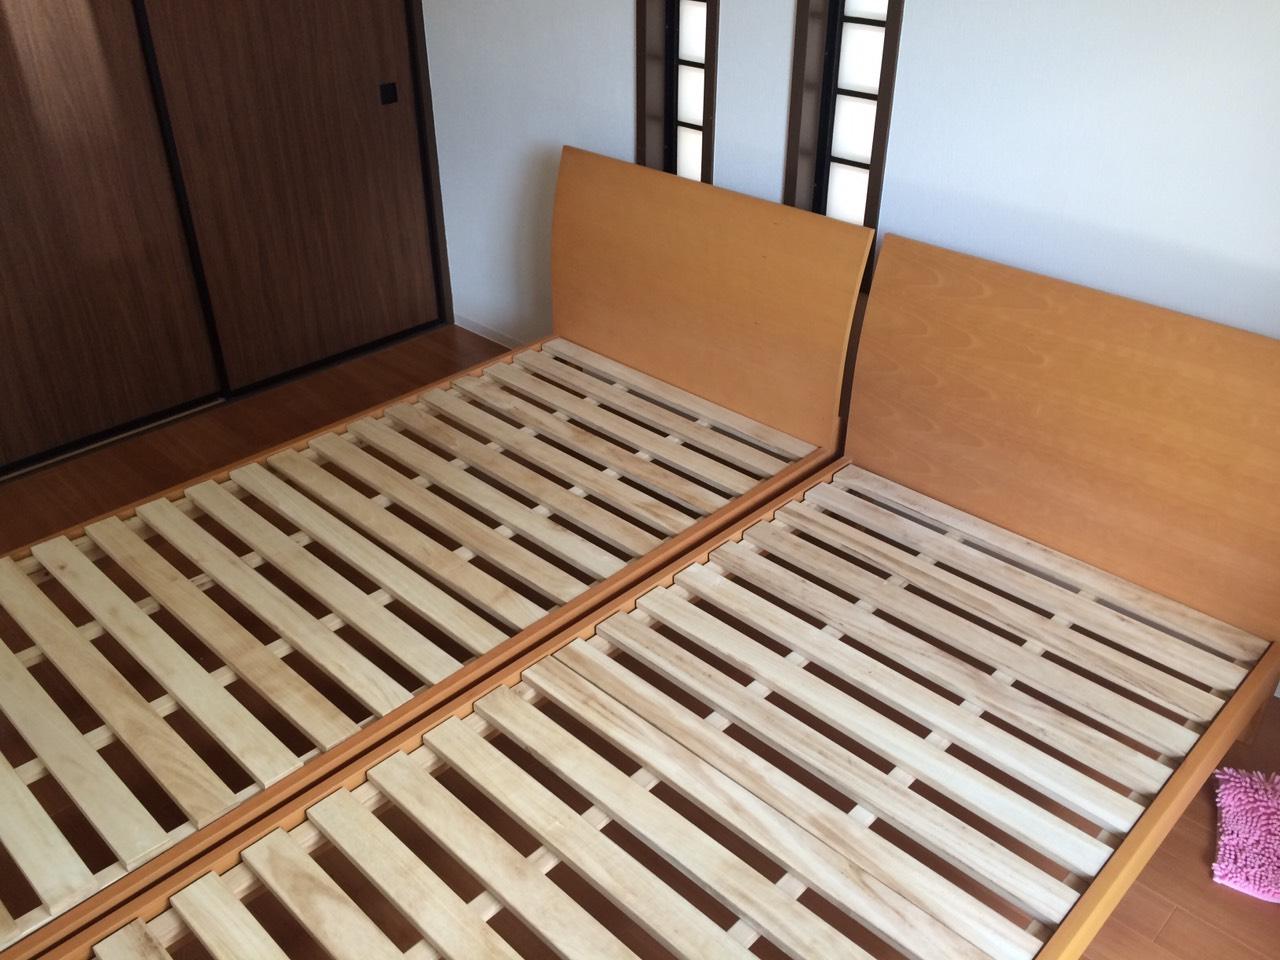 【愛知県名古屋市緑区】ベッドフレーム2点の出張回収